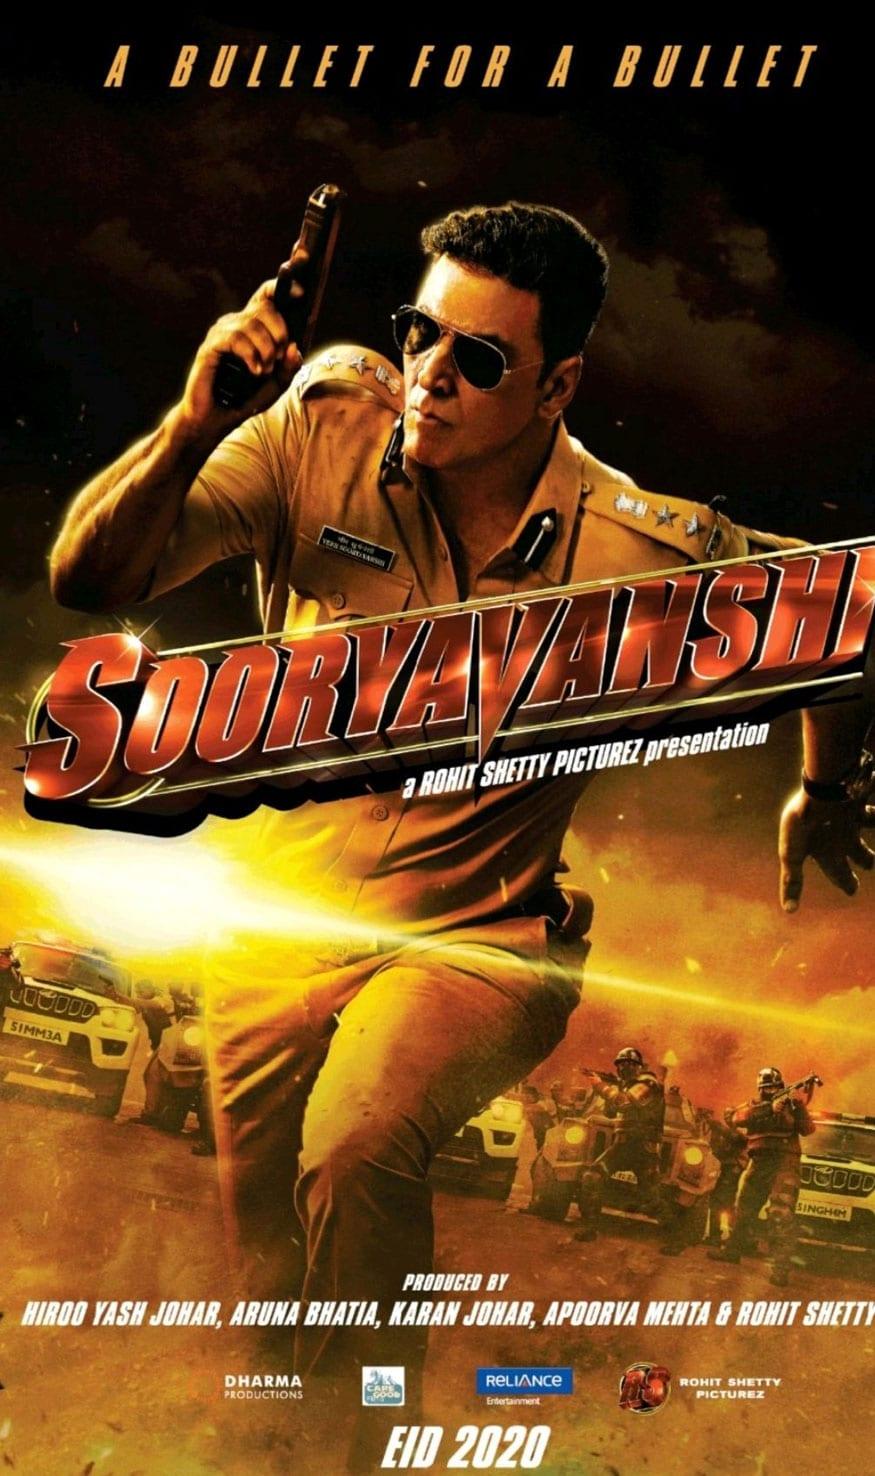 Movies' First Look: Akshay Kumar as a Fierce Cop in Sooryavanshi